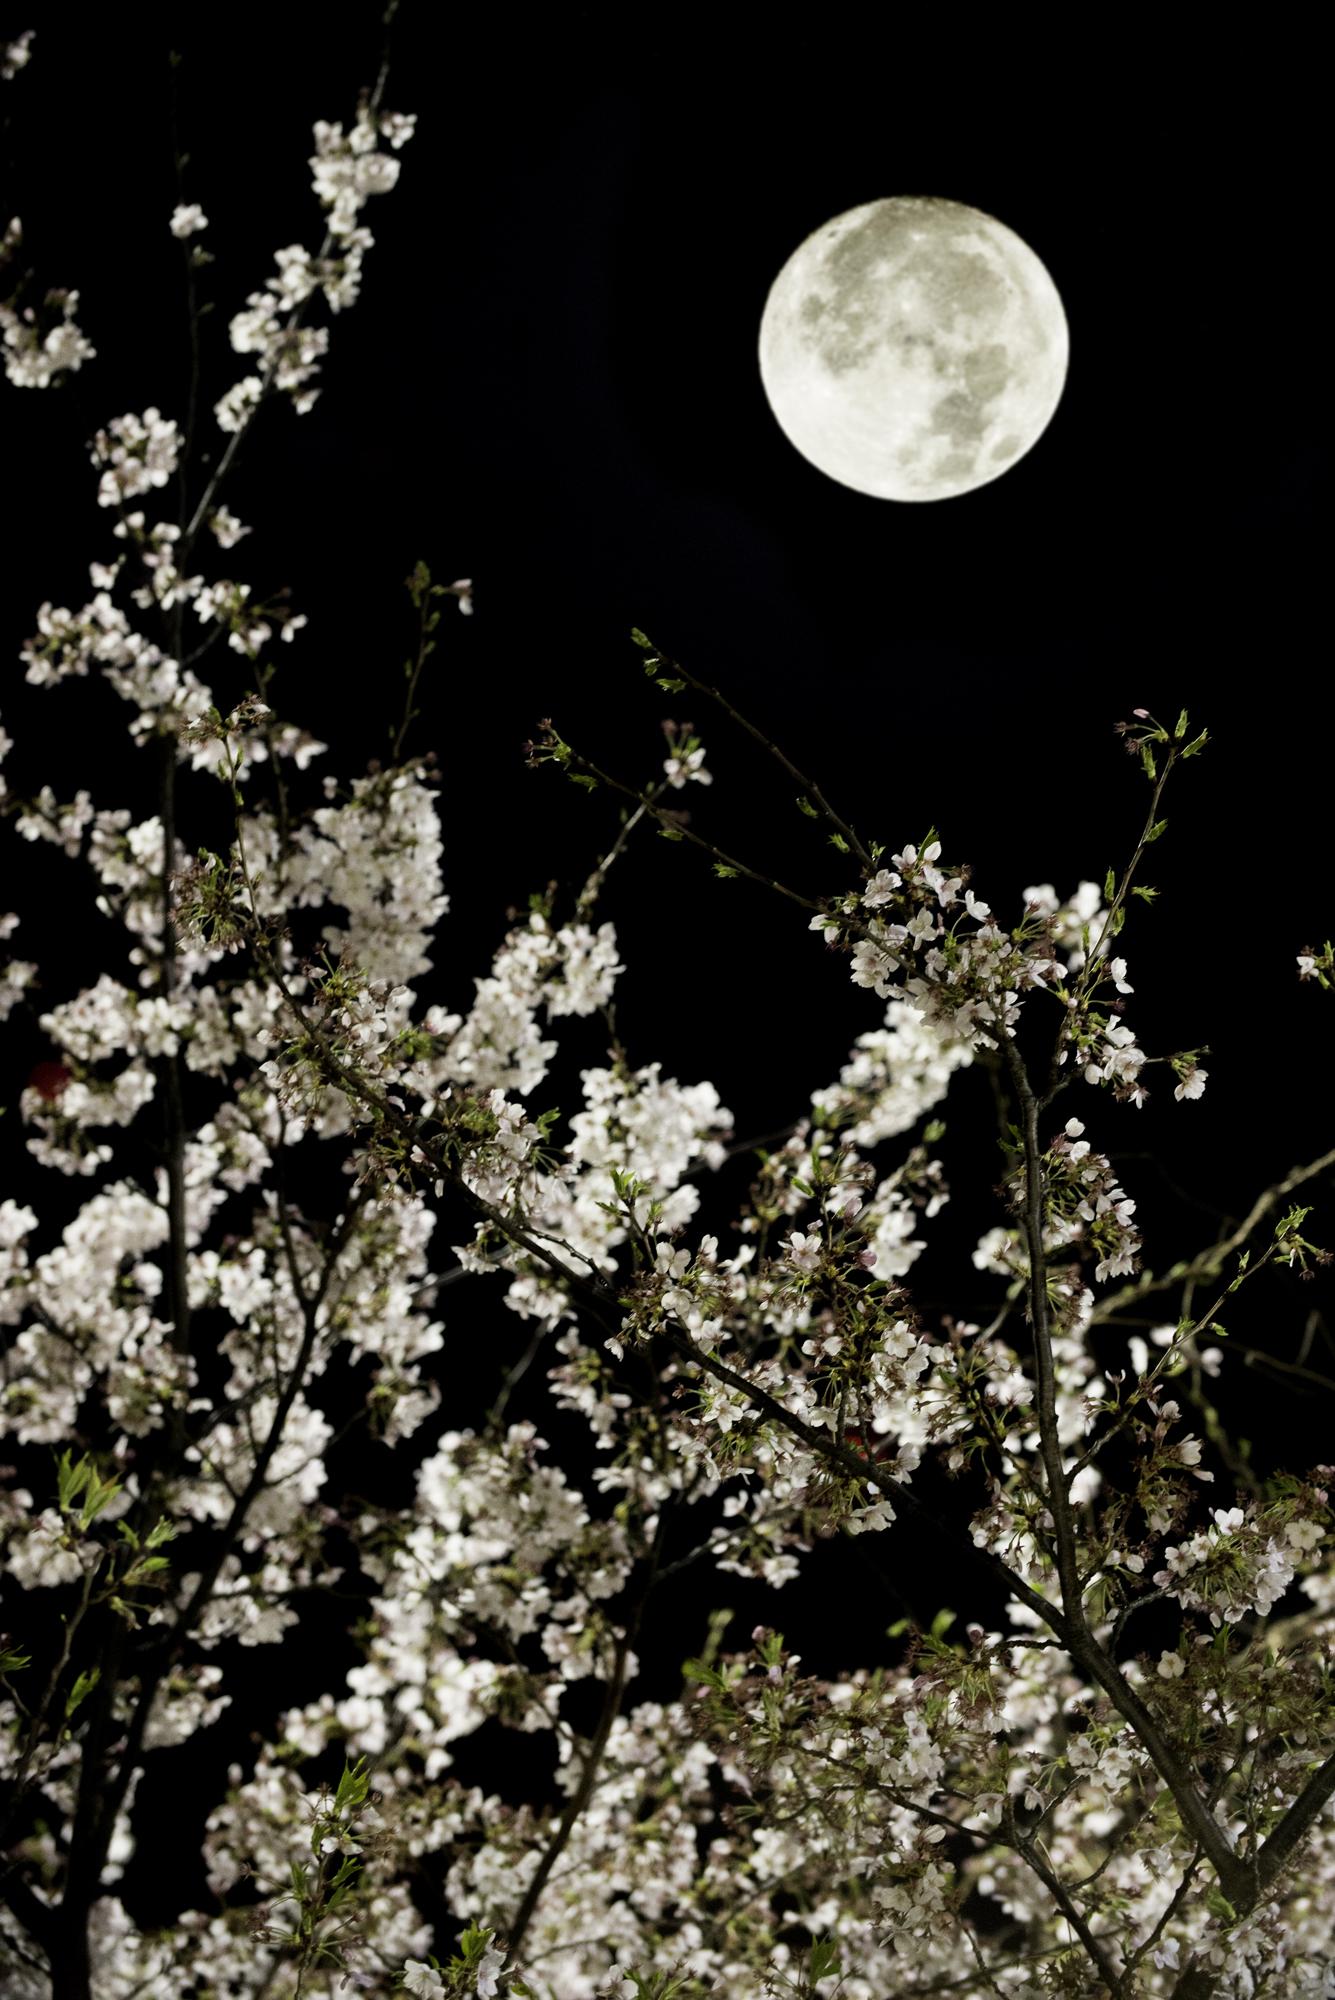 荒川区の夜を遊ぶ 第3回 大切な人と夜桜をたのしむ